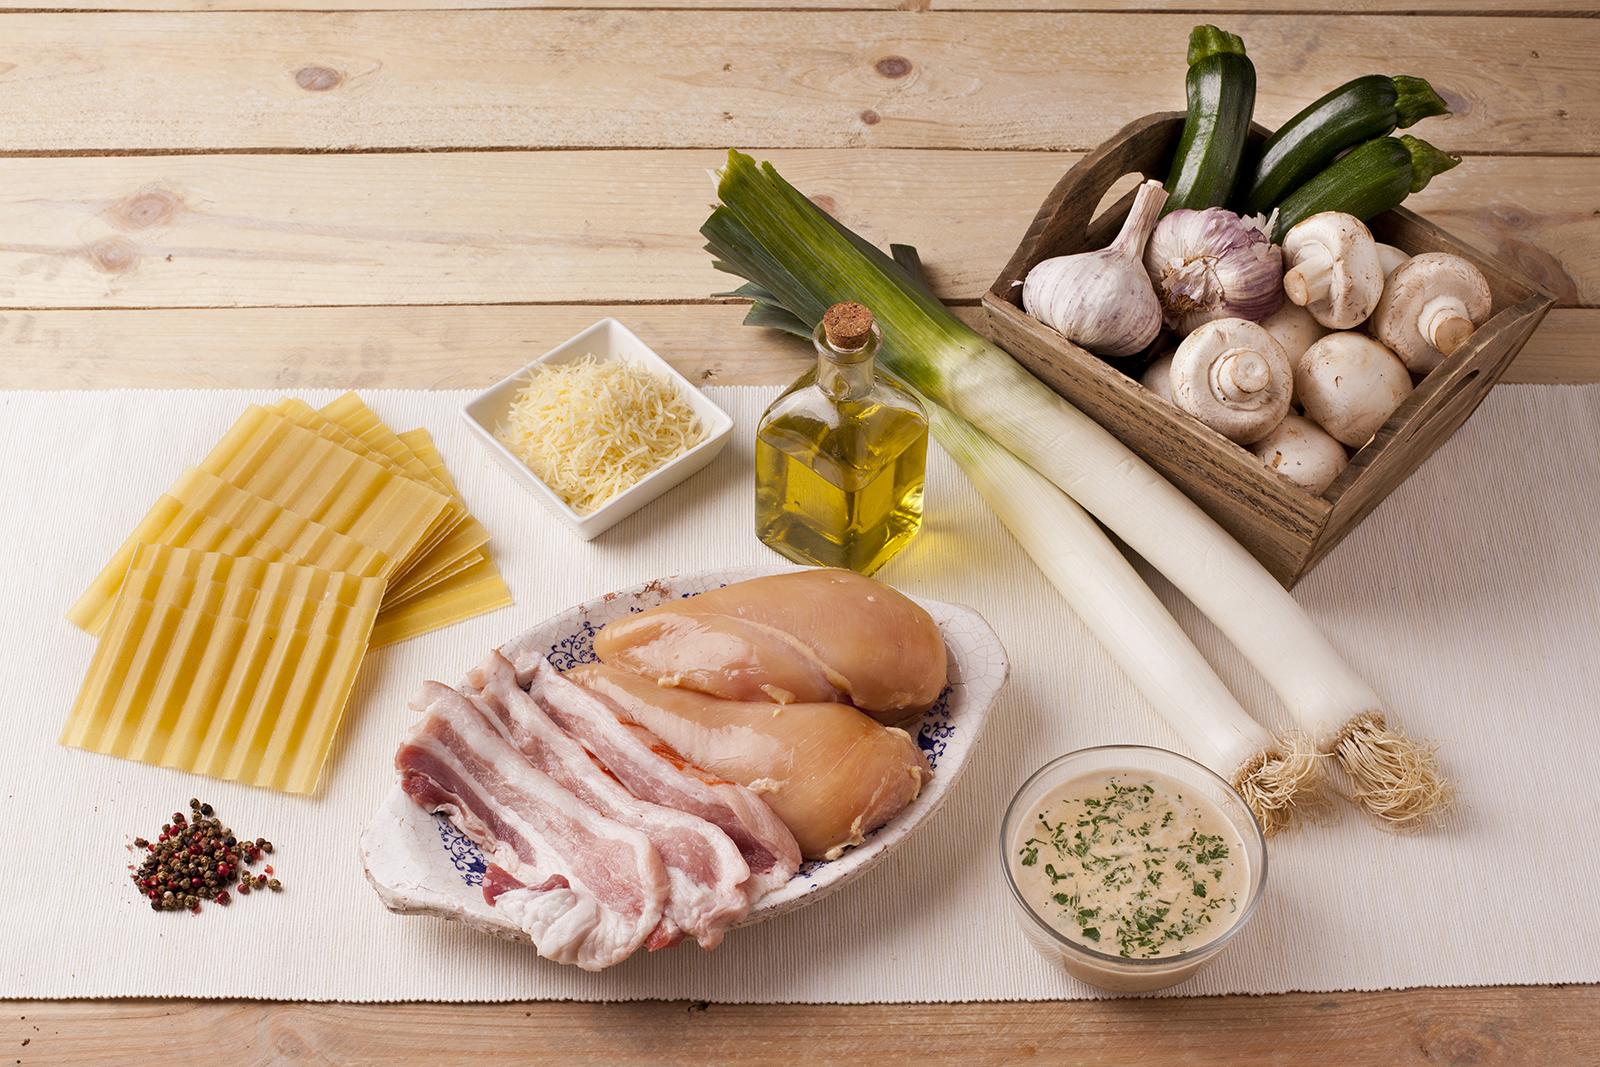 receta de lasaña fácil con pollo, puerros y champiñones